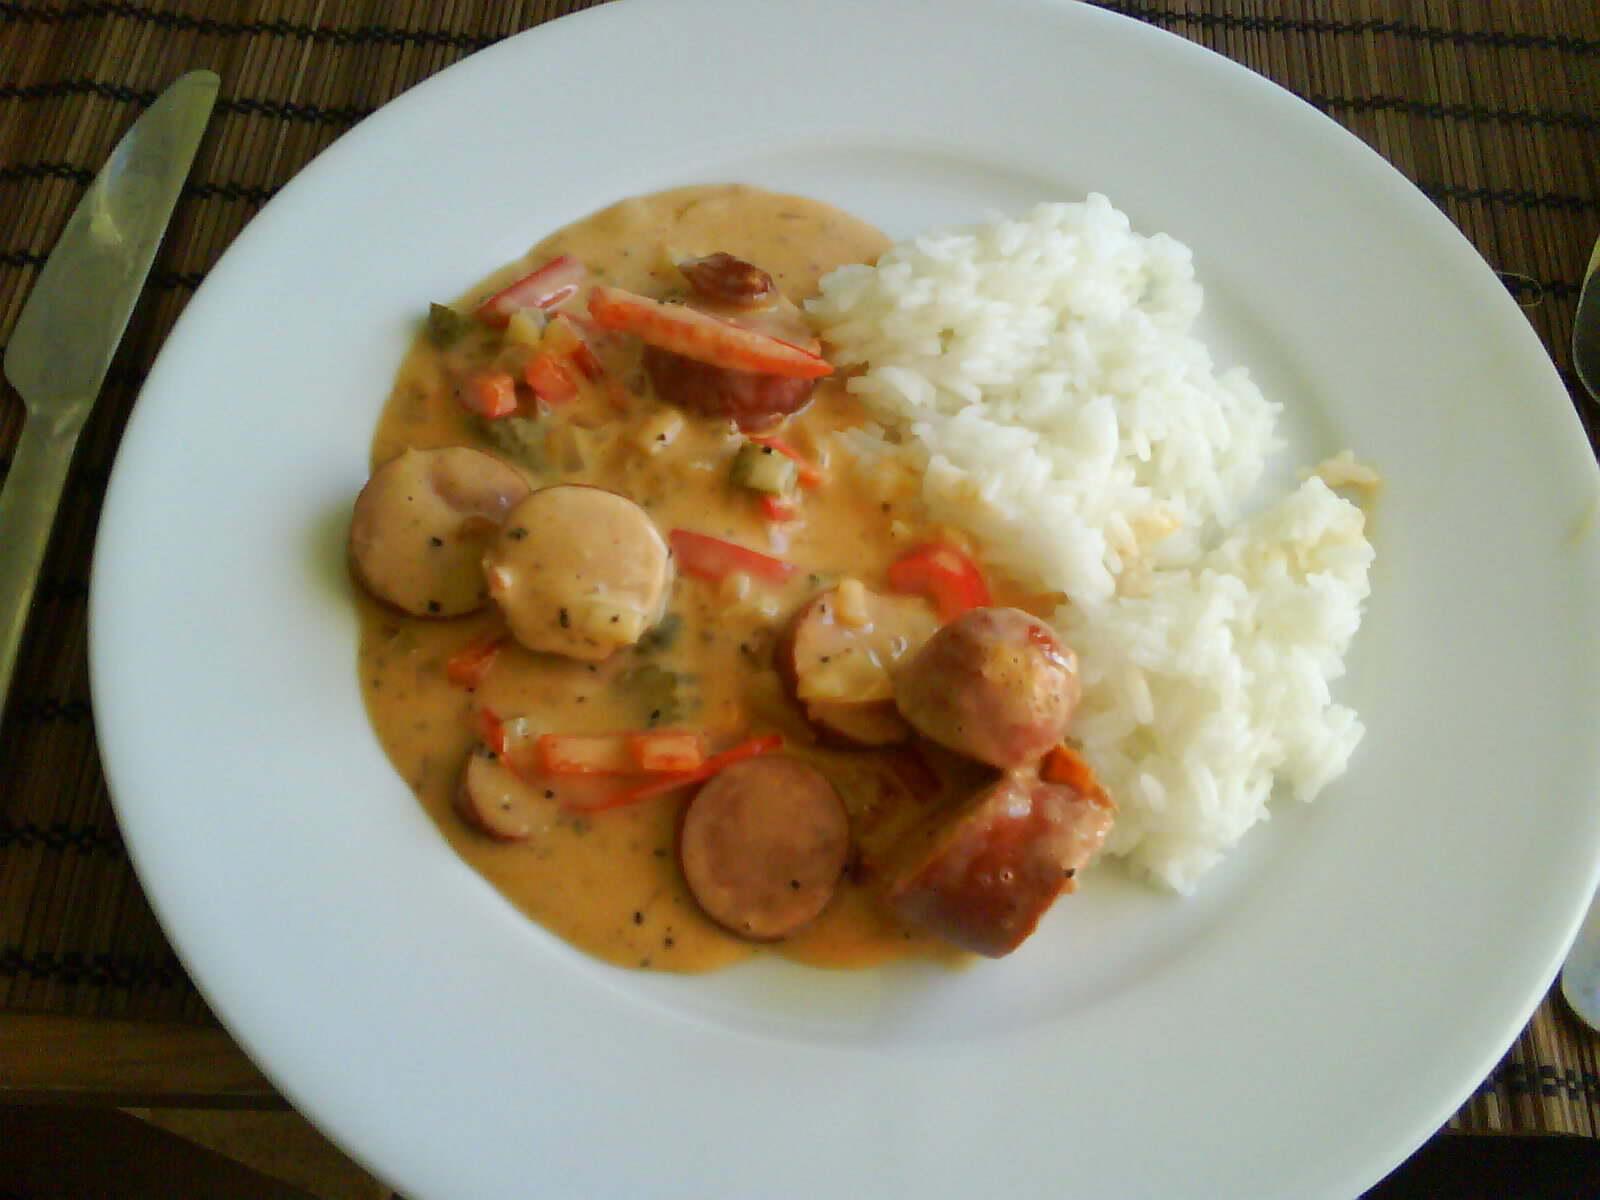 kreolsk mat